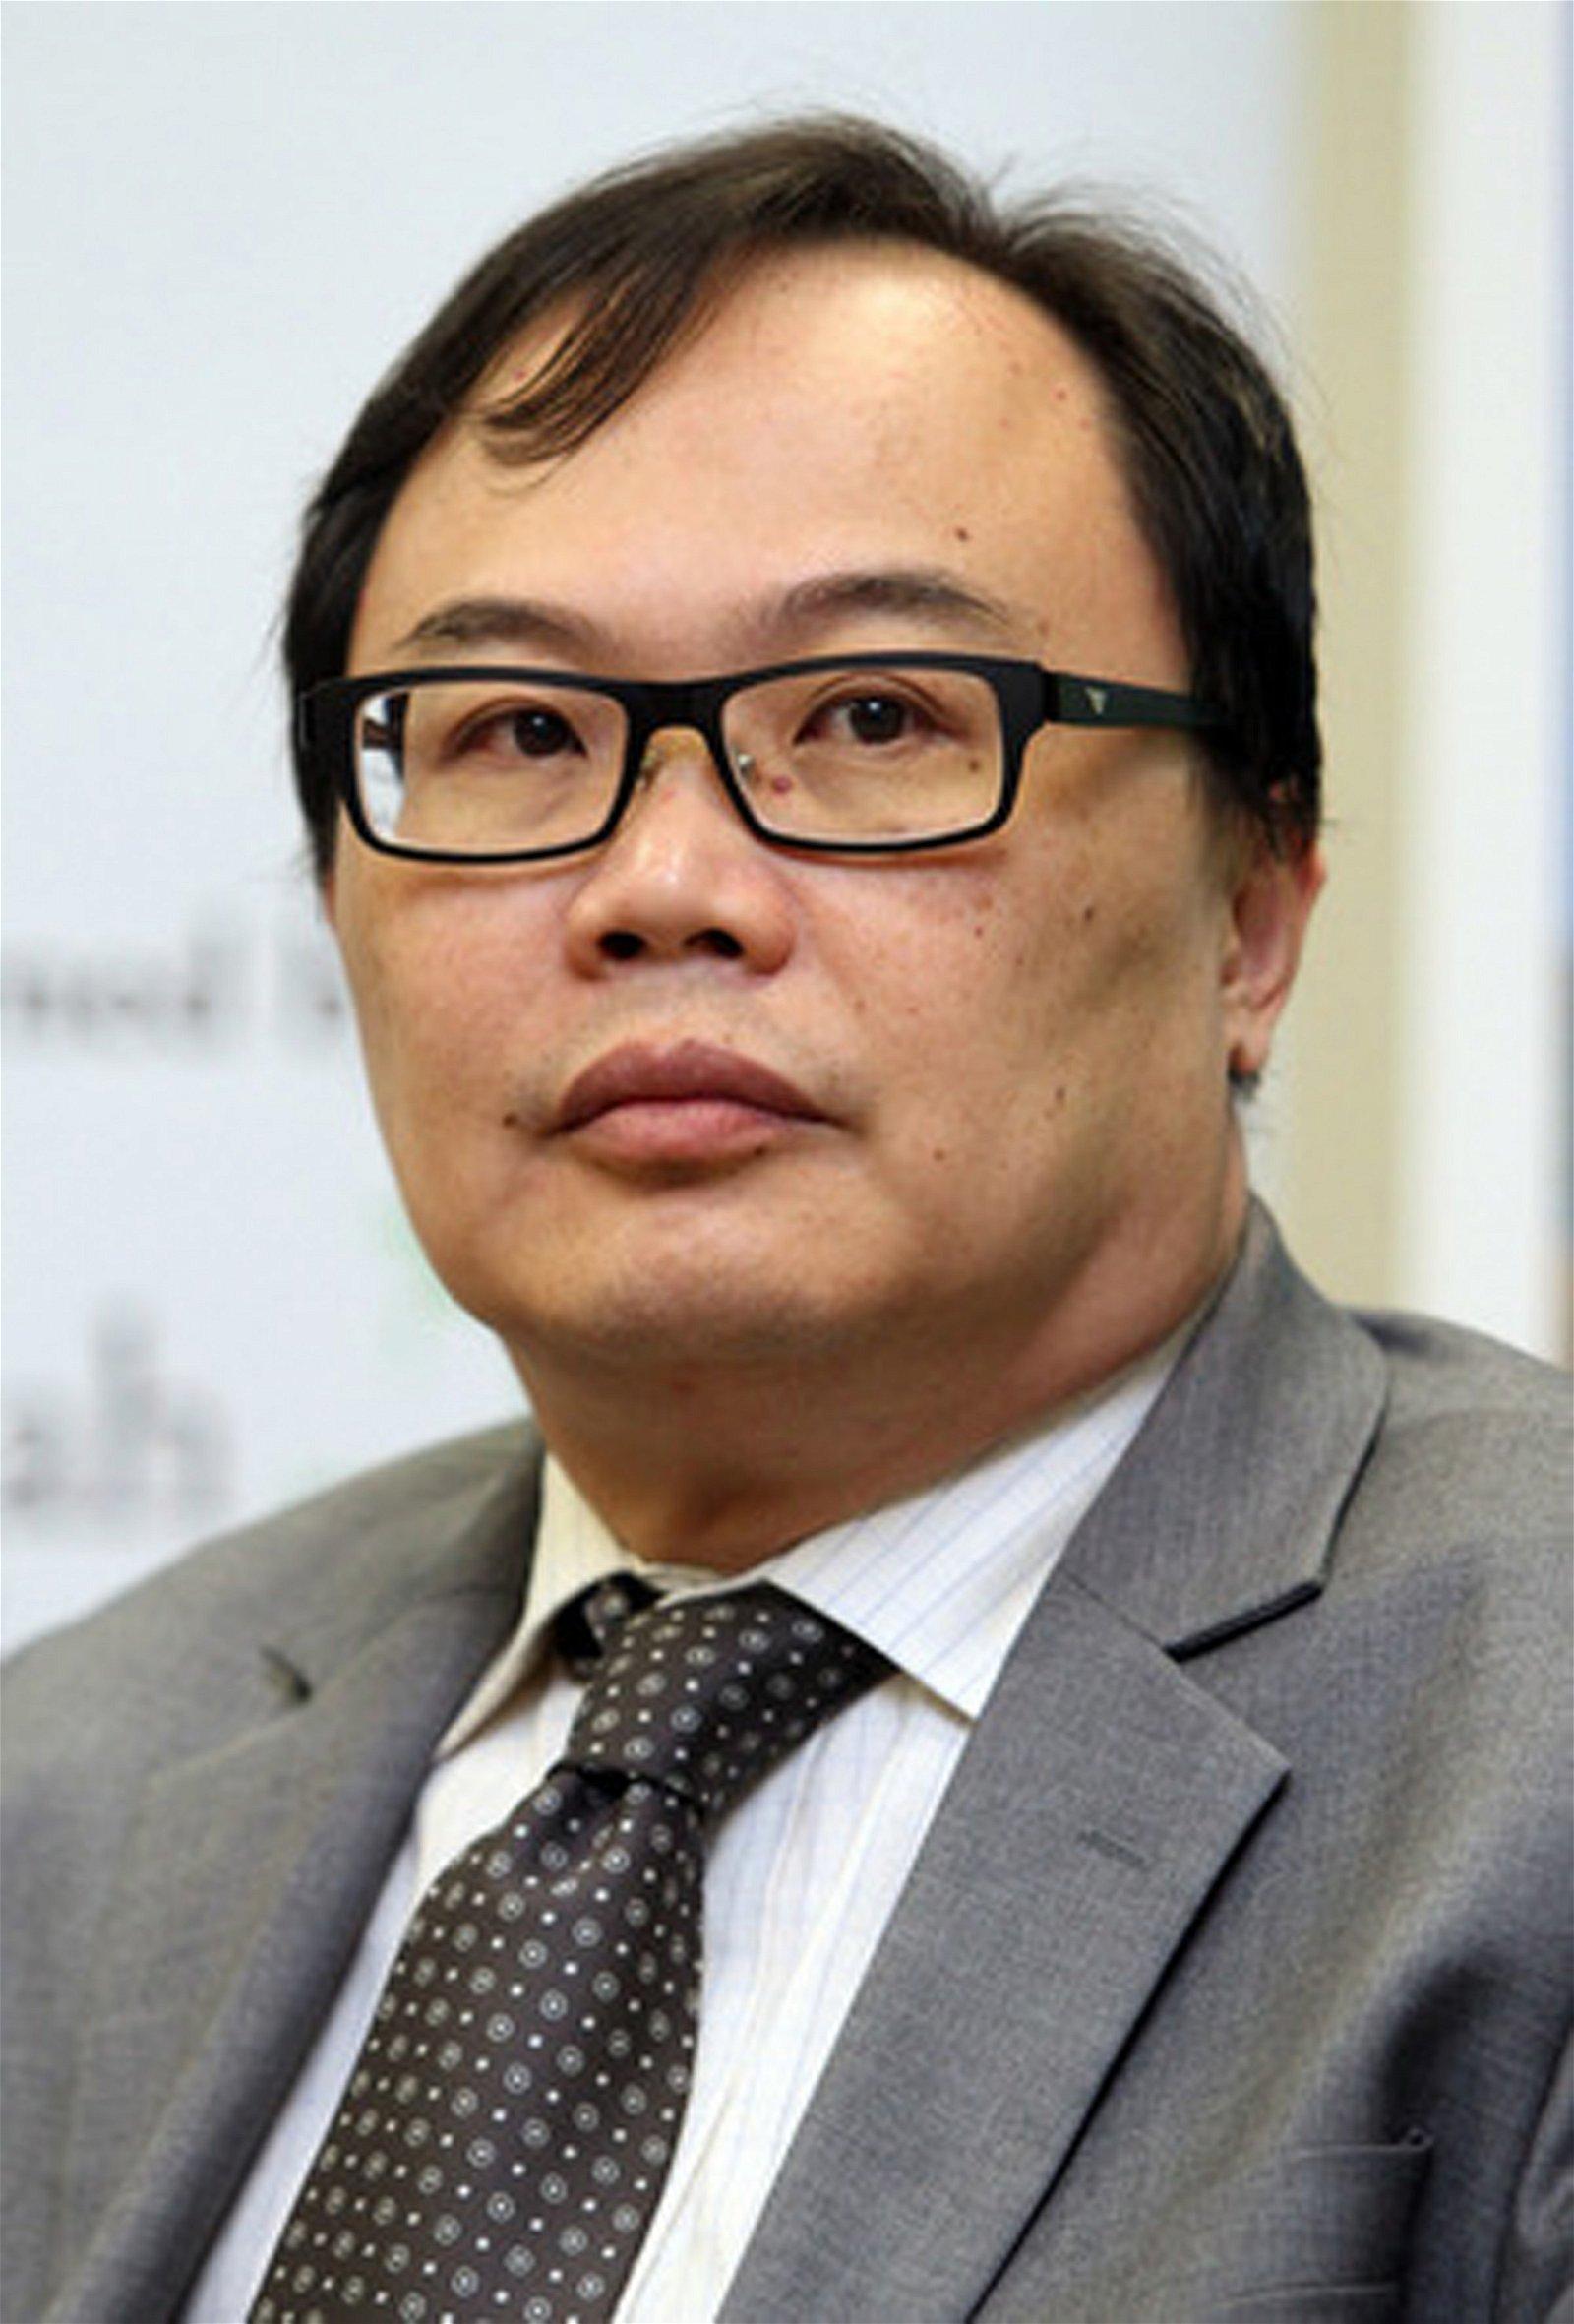 塔斯马尼亚大学亚洲研究所主任詹运豪教授